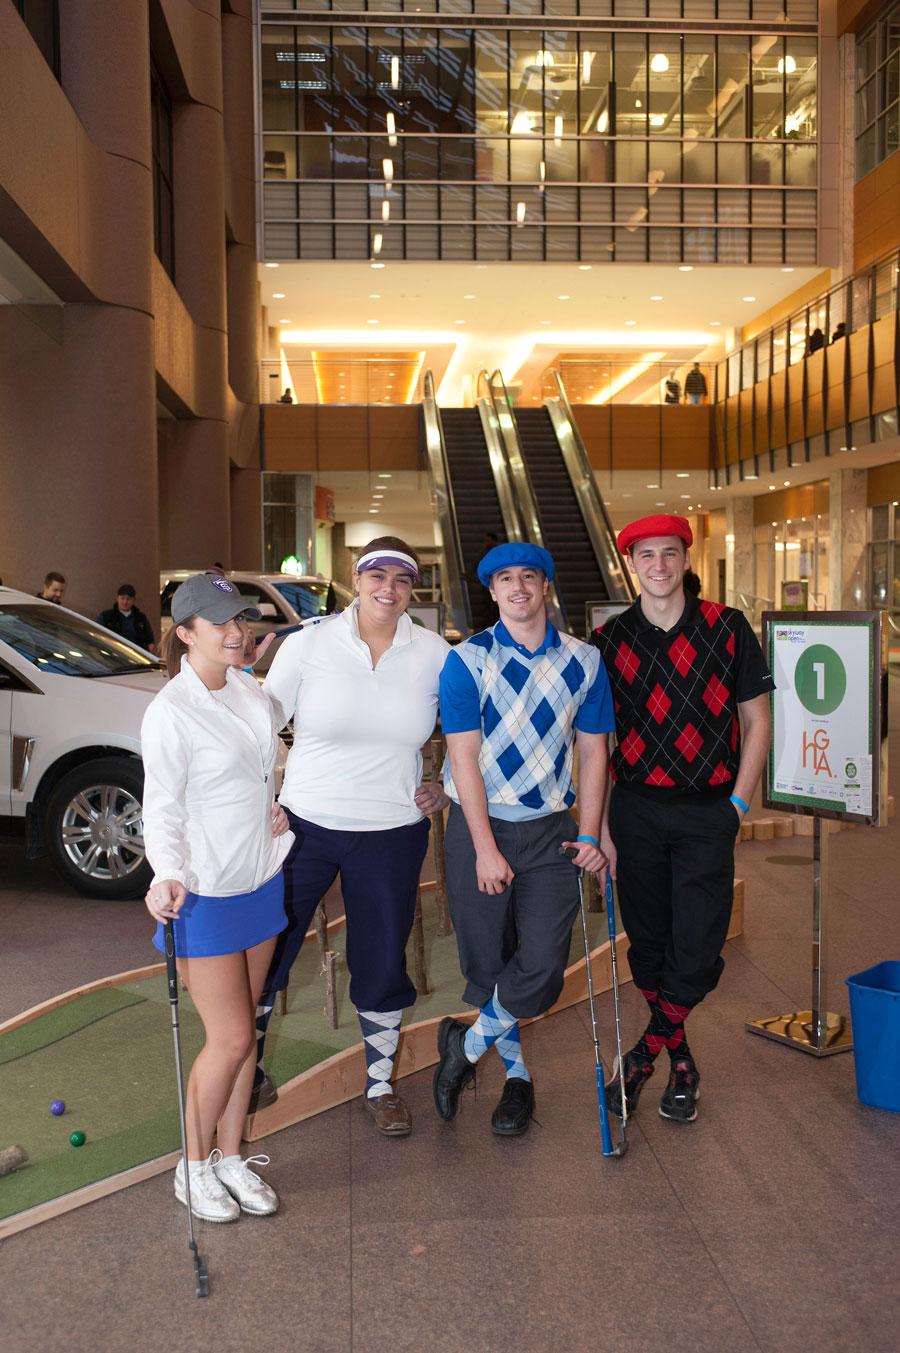 skyway_open_2015_golfers.jpg